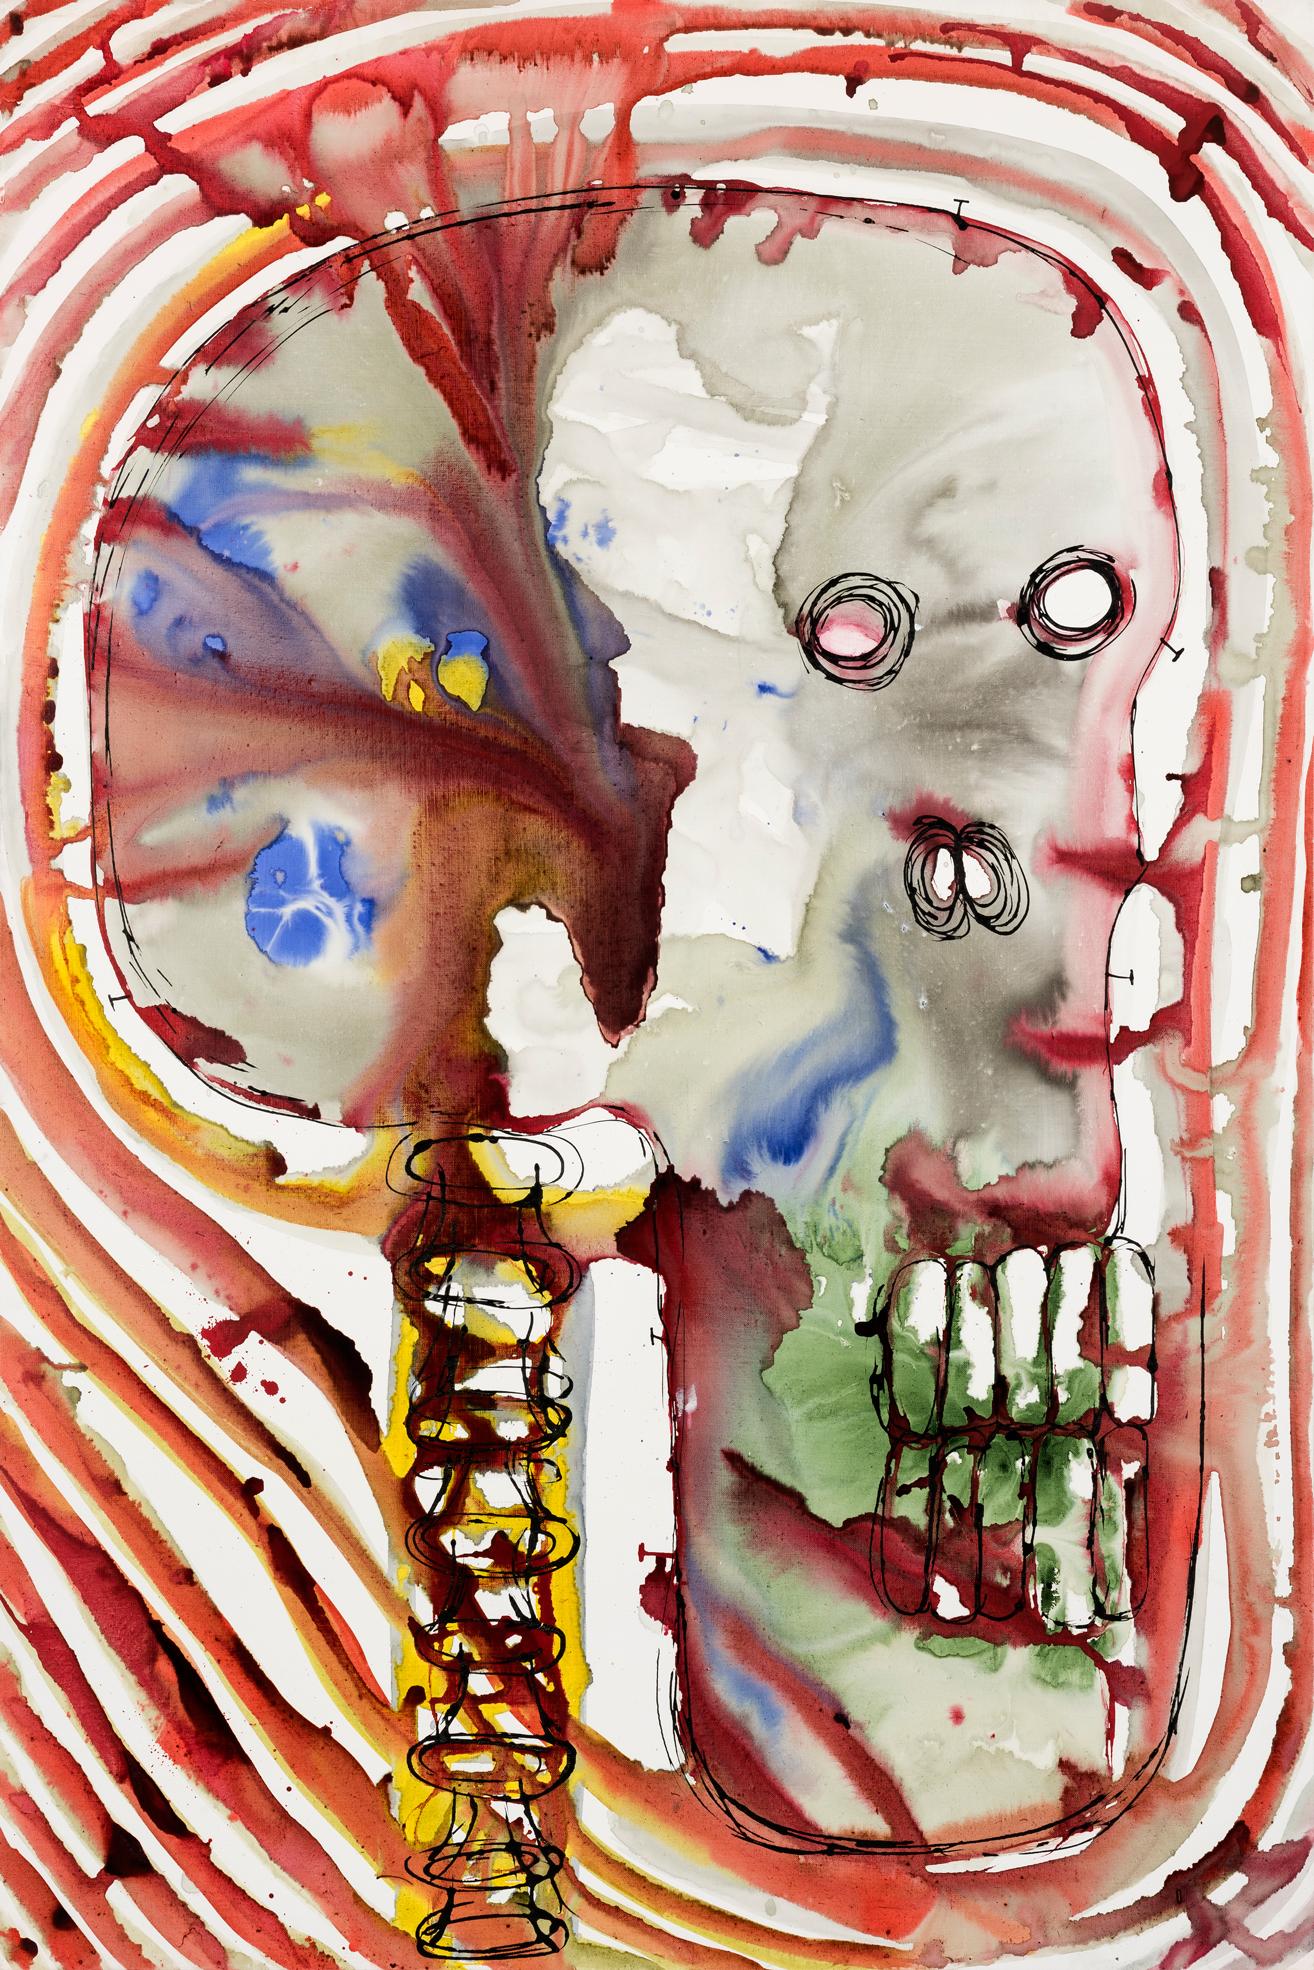 Nuclear Destiny I, 2015 Acrylic on canvas,195 x 130 cm